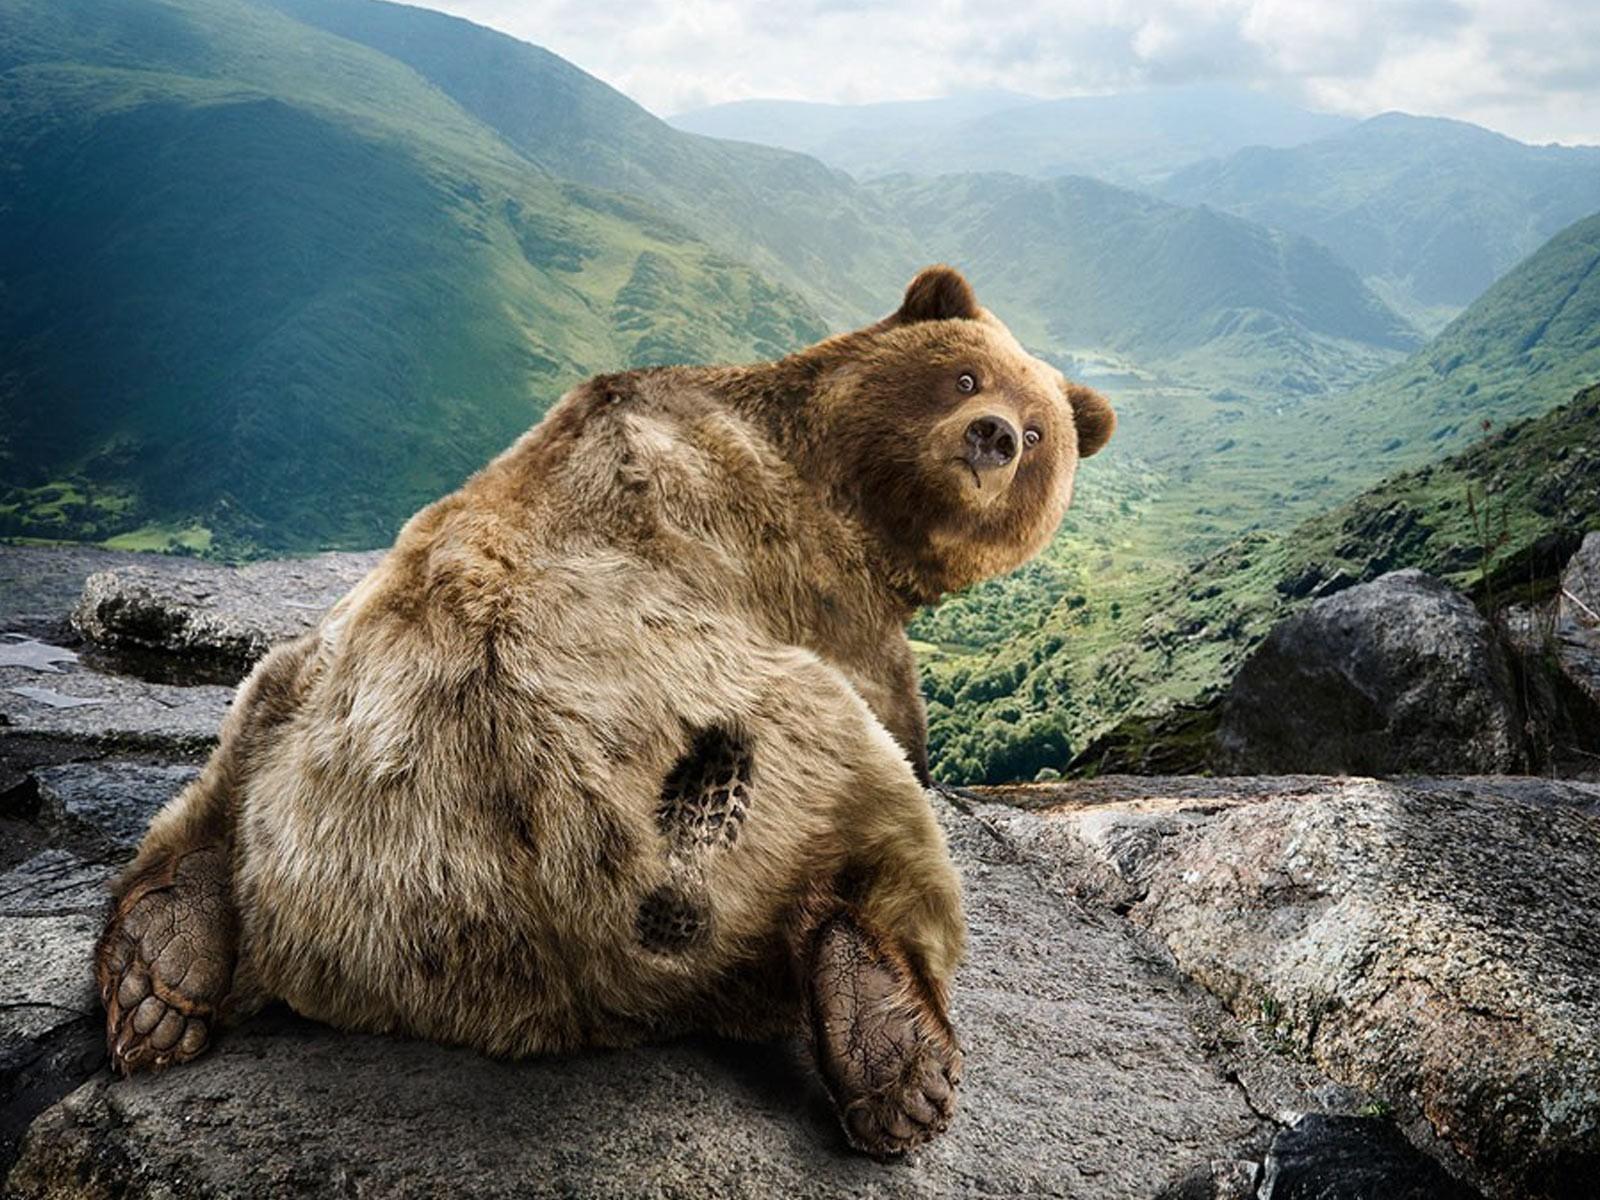 след медведя картинка для детей